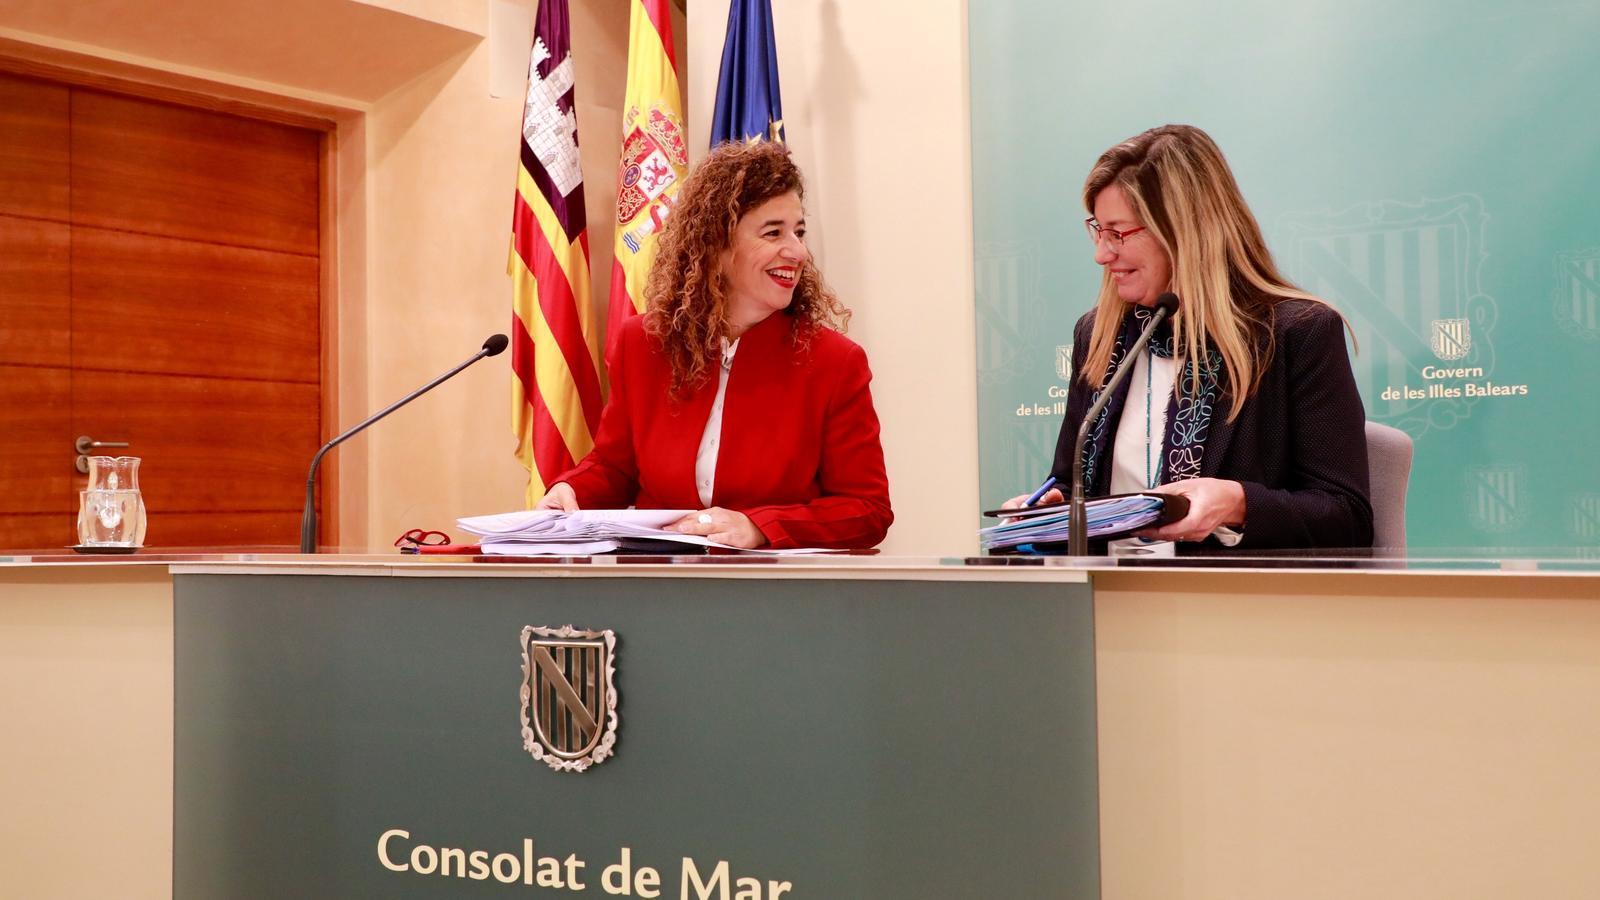 La portaveu del Govern, Pilar Costa, i la consellera de Salut, Patricia Gómez.